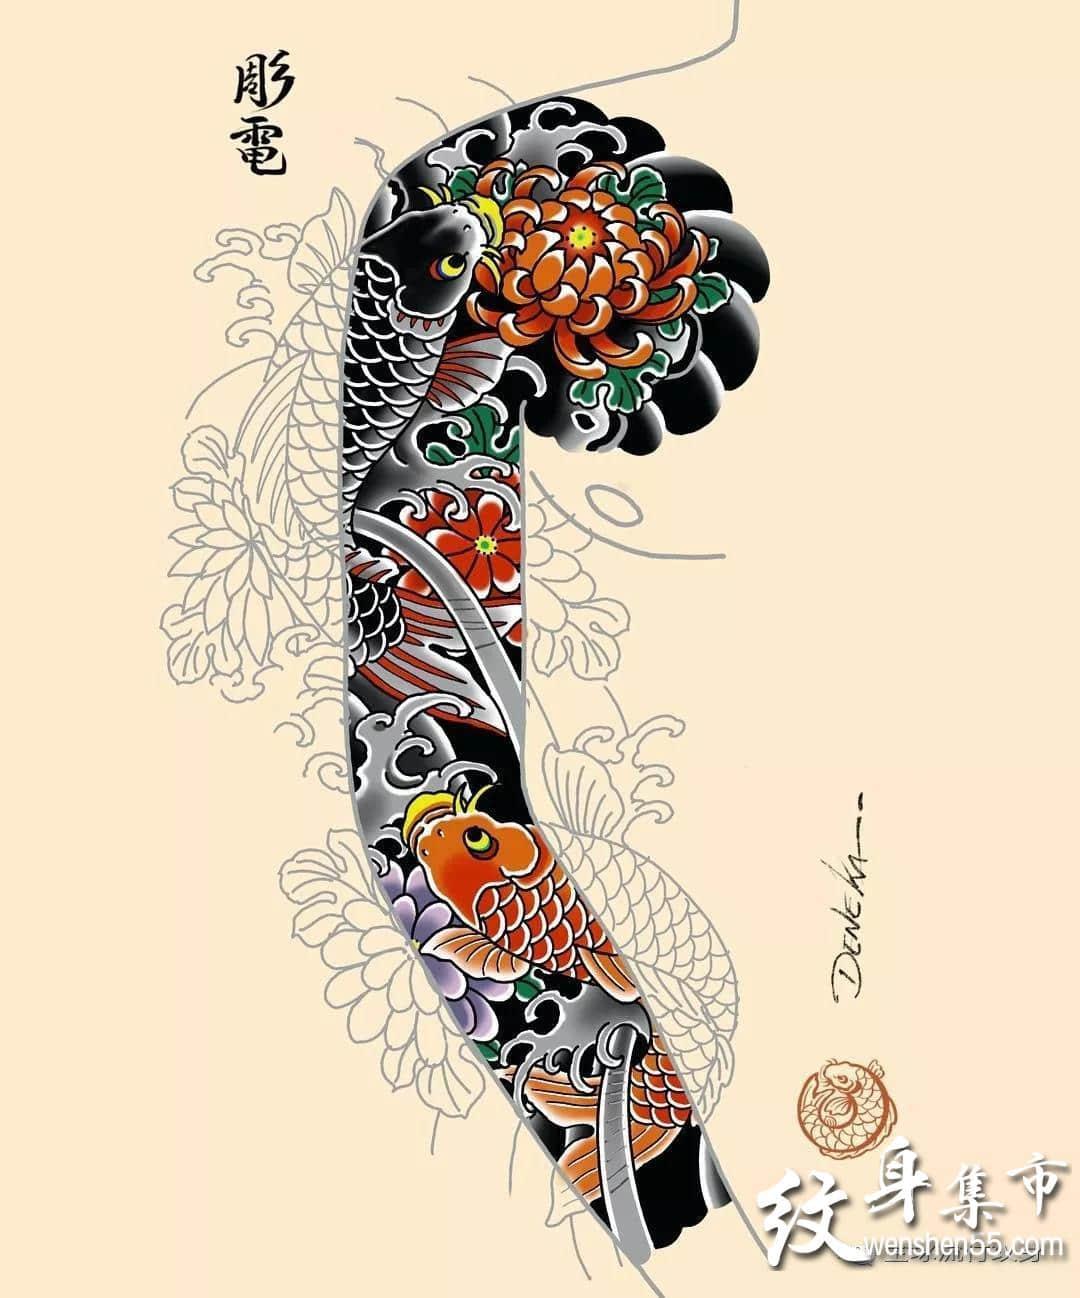 日式花臂纹身,日式花臂纹身手稿,日式花臂纹身手稿图案